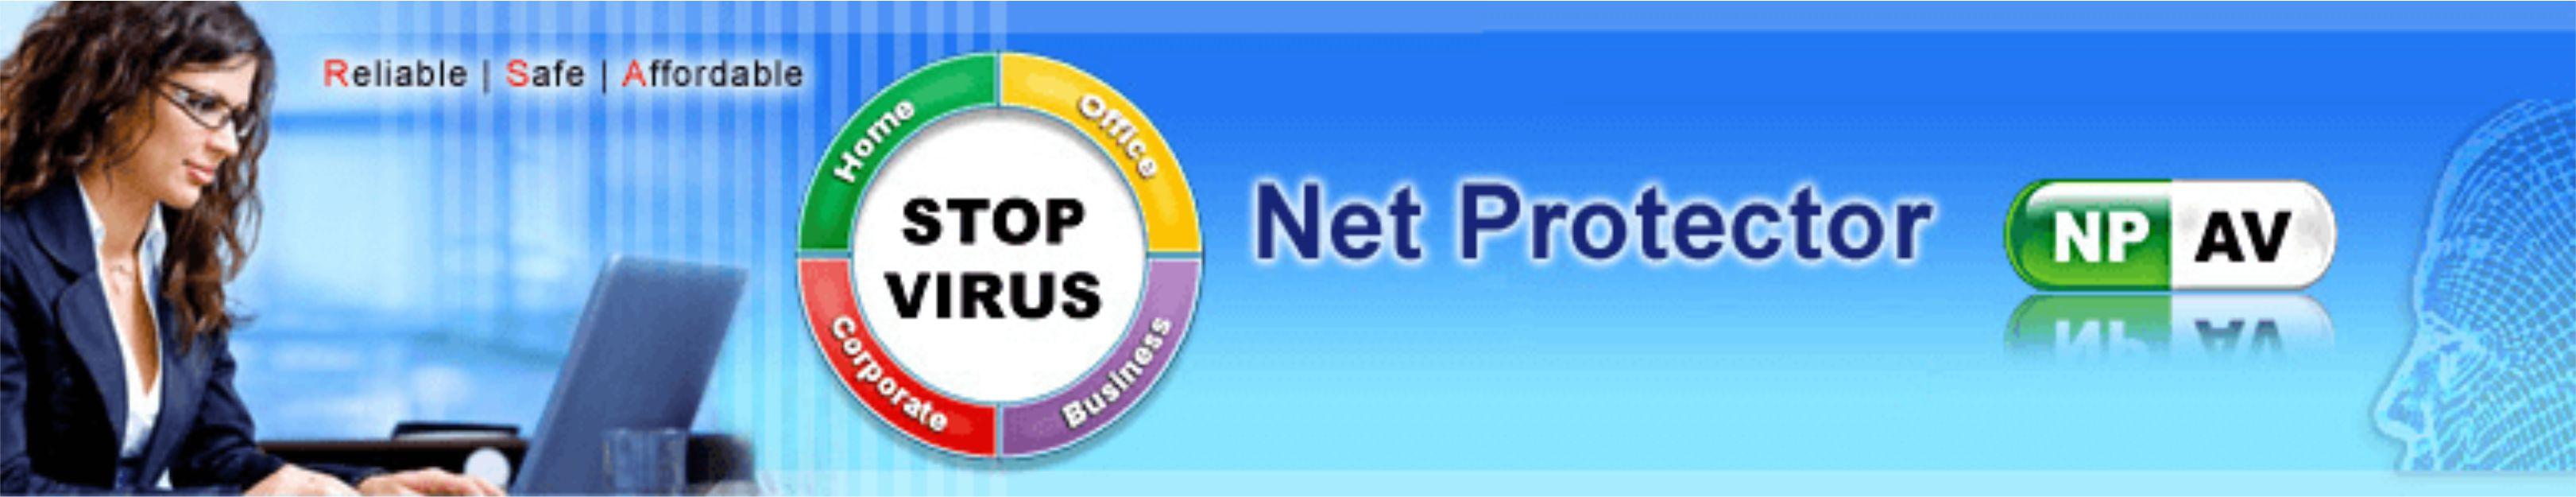 Net Protector Antivirus :: www.indiaantivirus.com